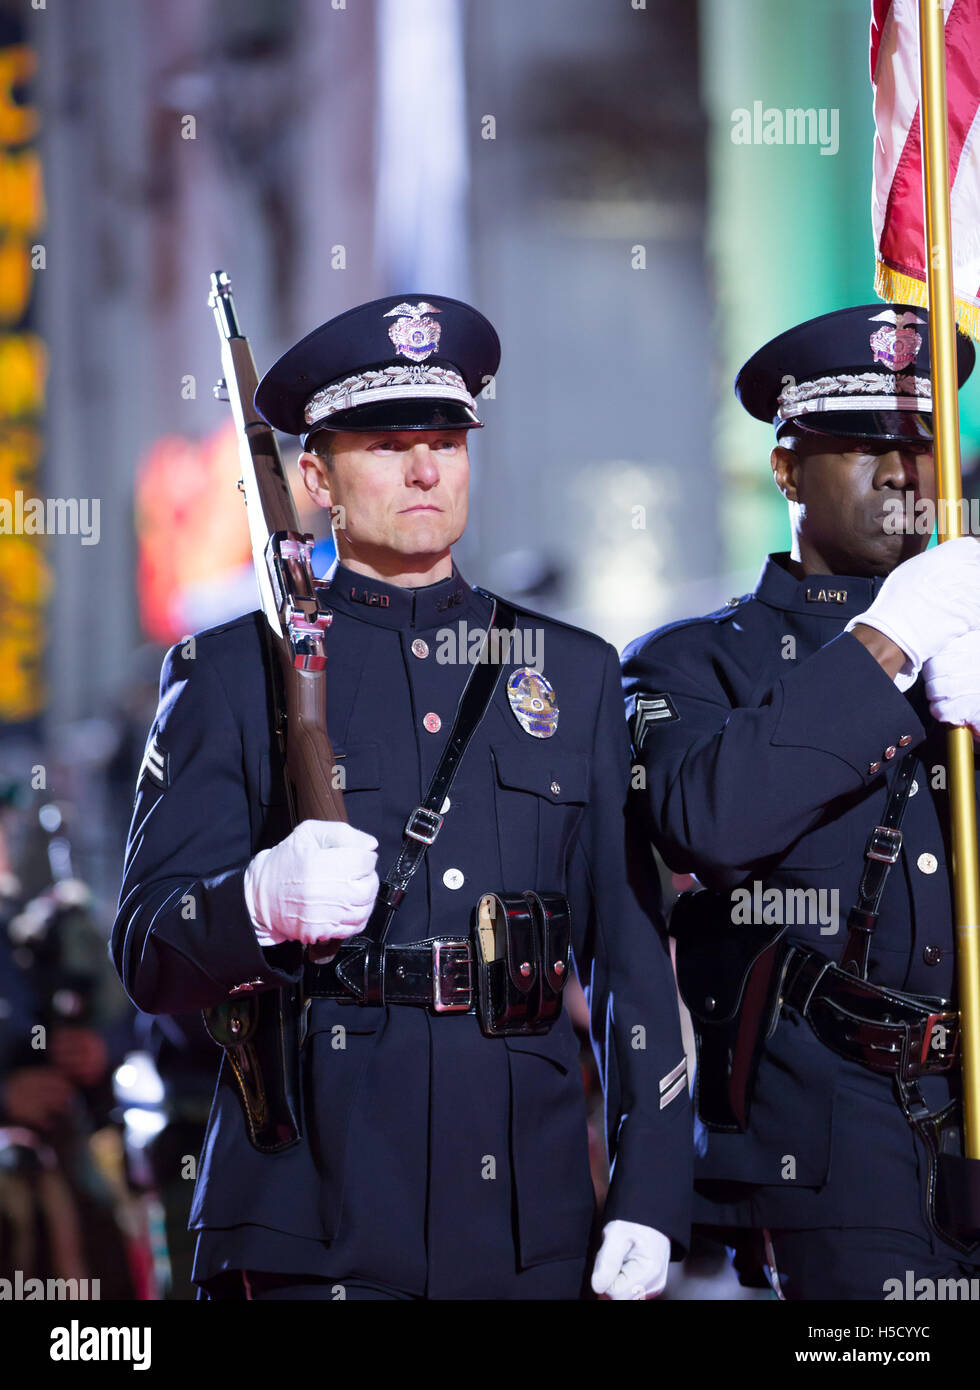 d6f16d5b82116 L'agent de police de Los Angeles d'un insigne au cours de la 84e congrès  annuel de 20308 Hollywood Parade de Noël